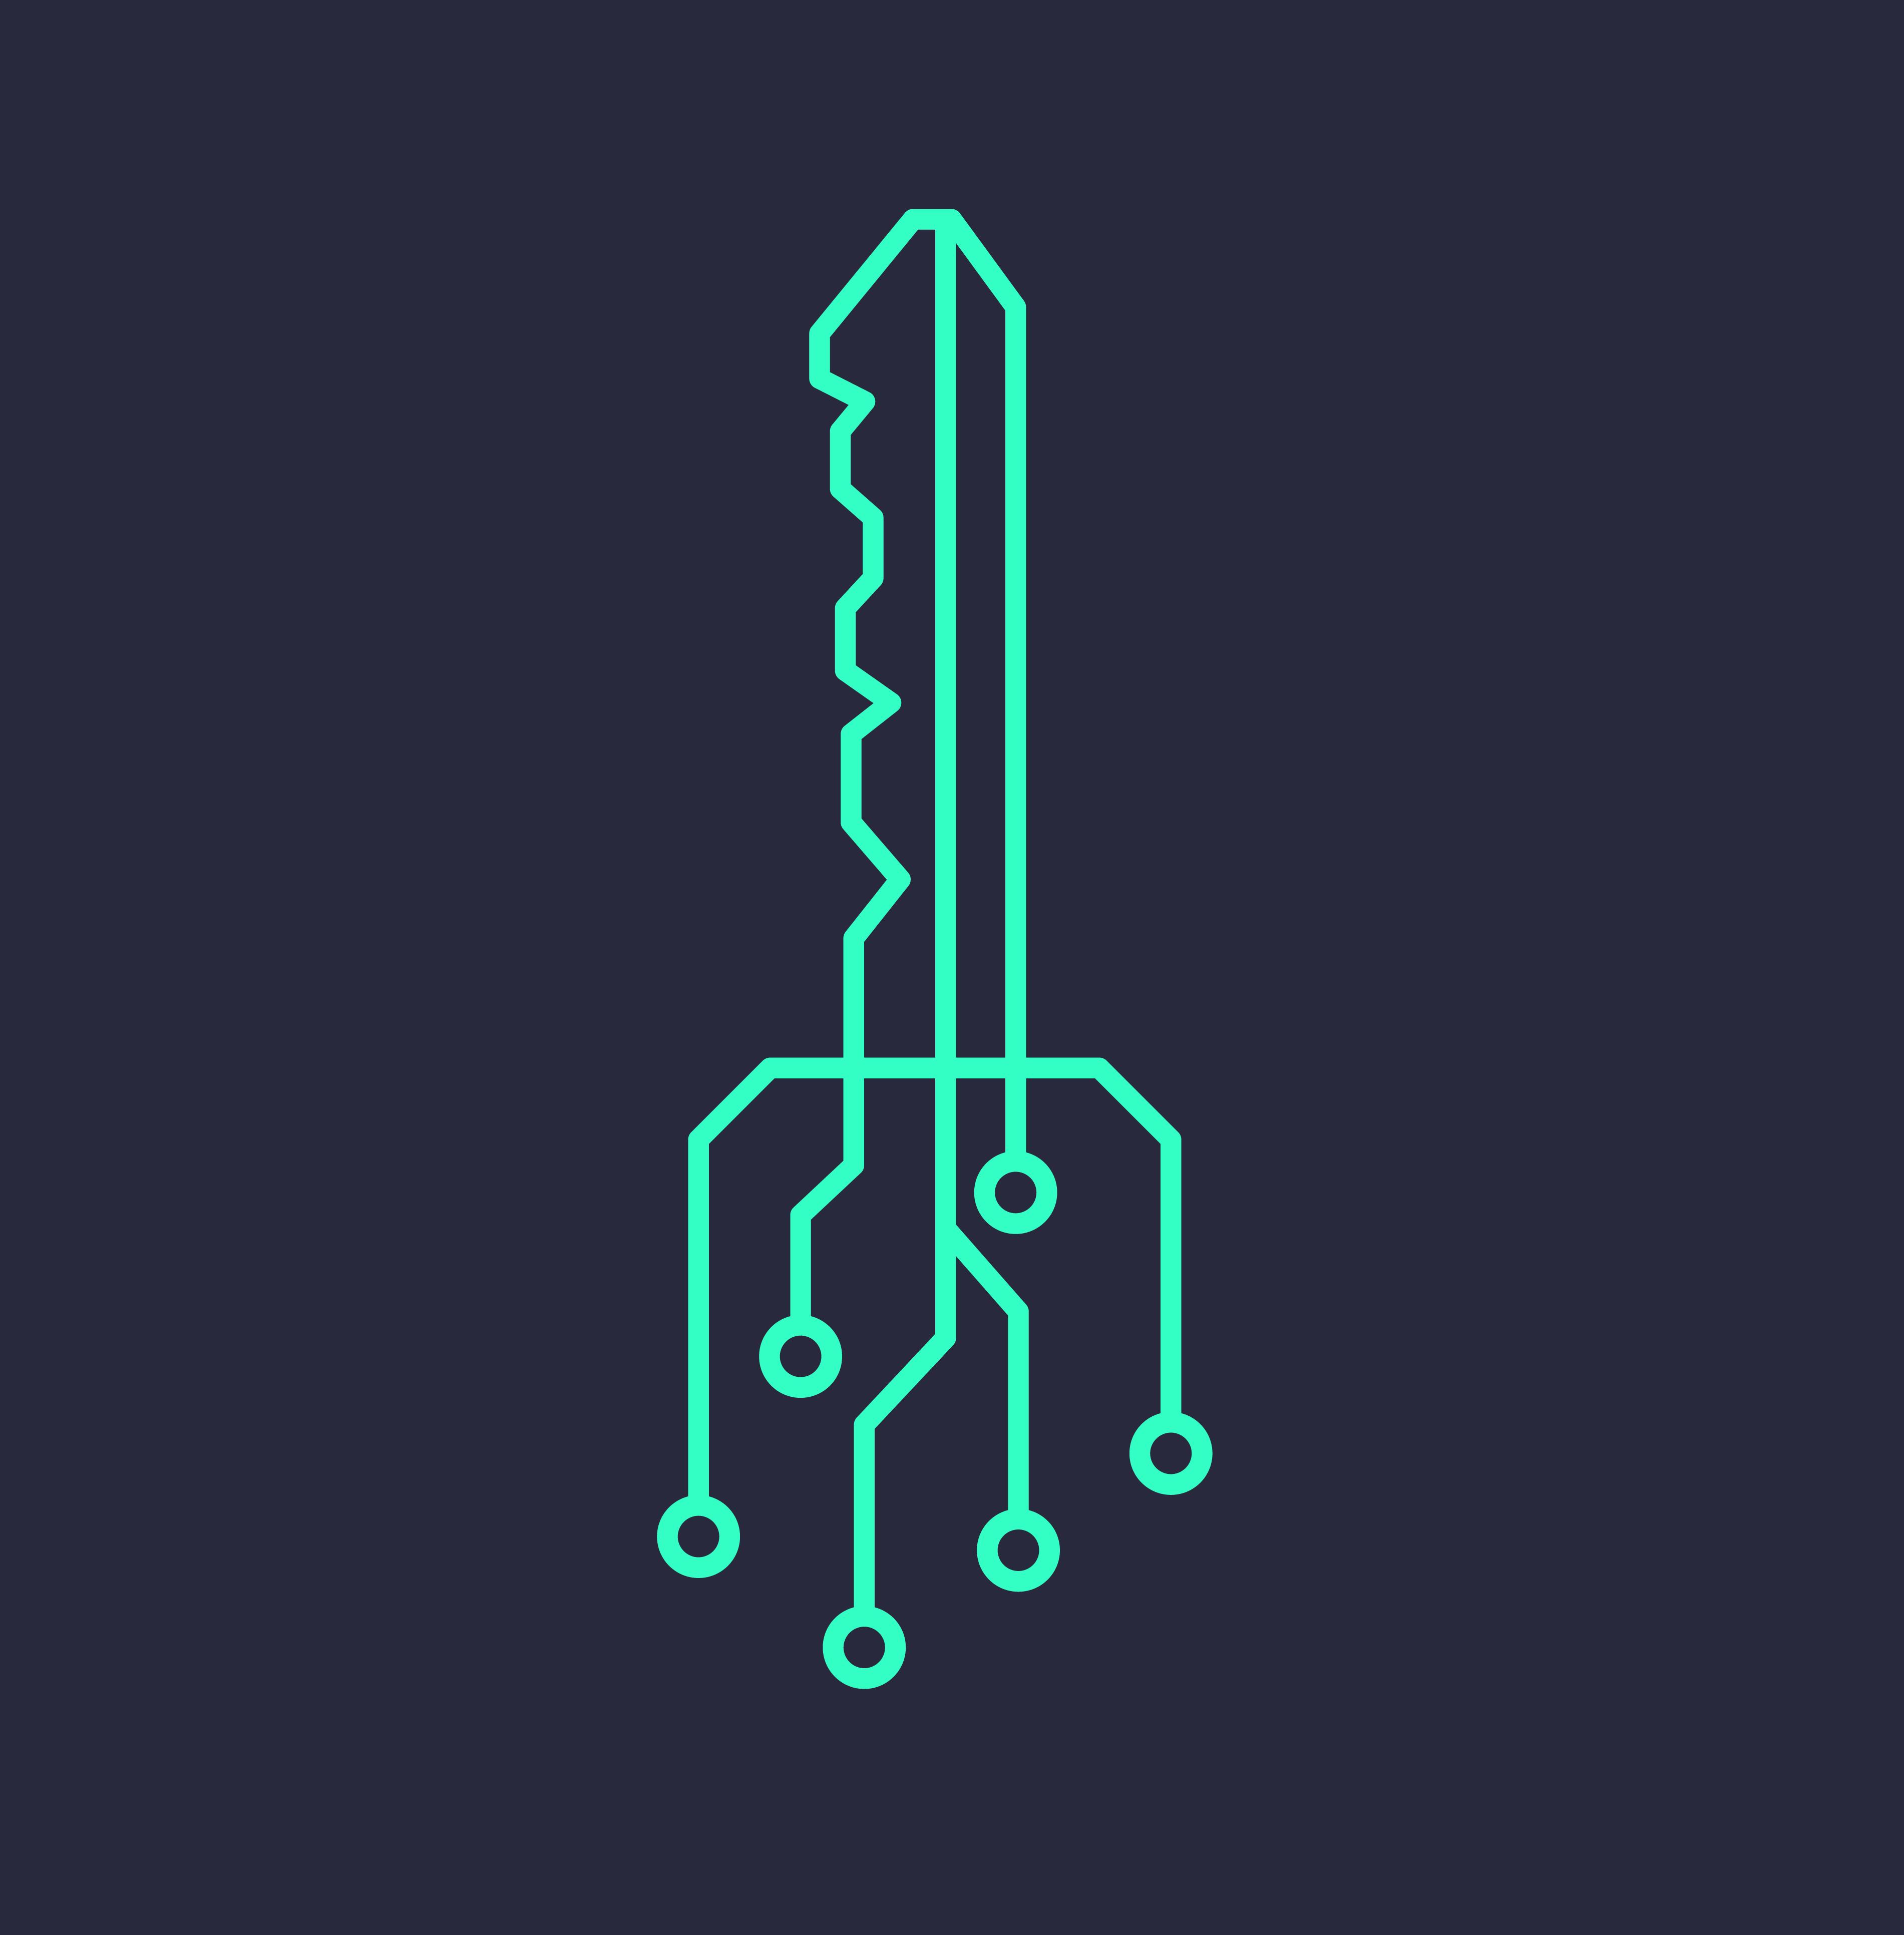 احراز هویت مبتنی بر SSH key در لینوکس